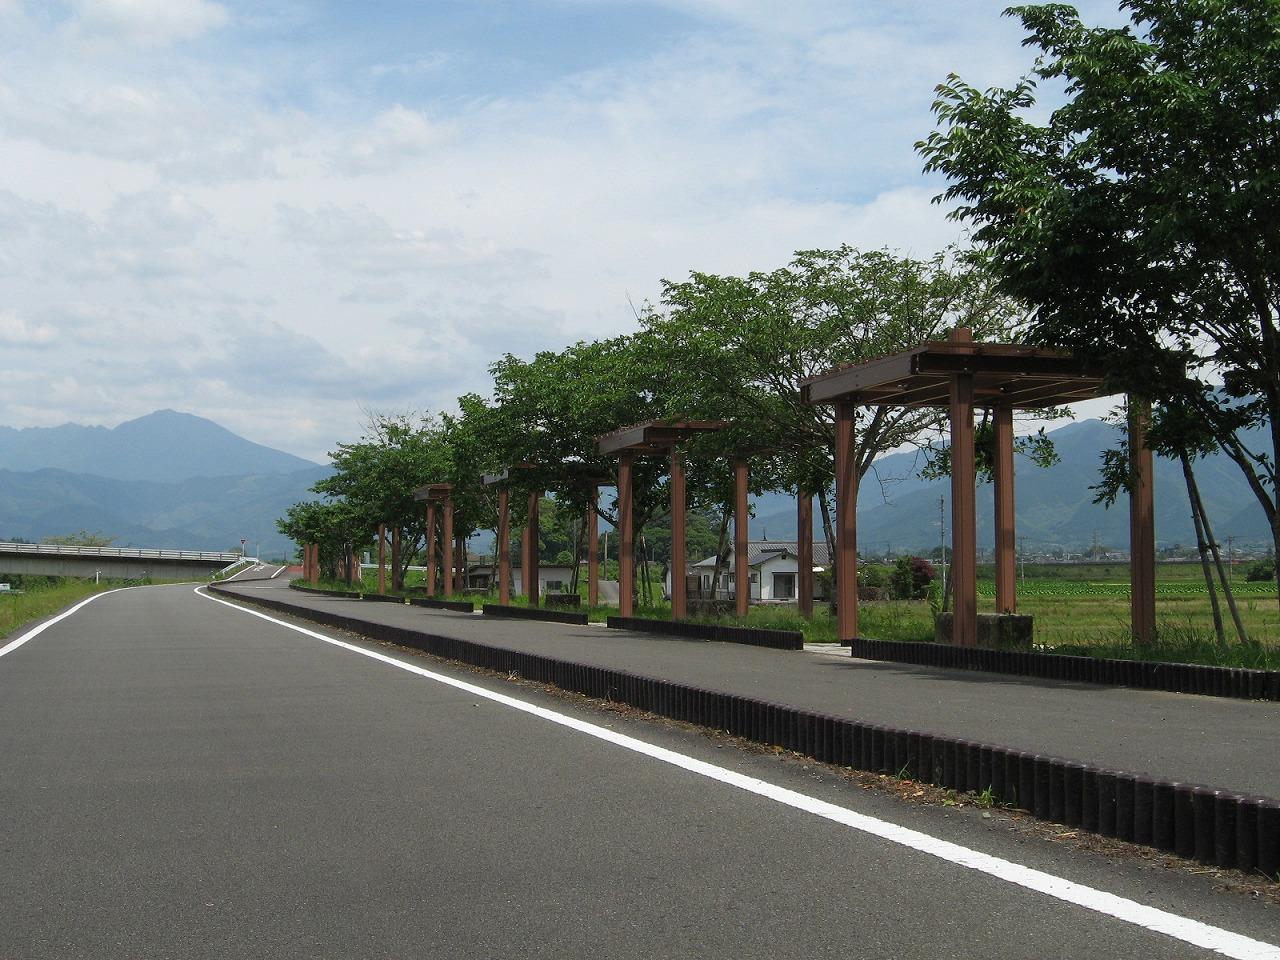 熊本県道335号湯前人吉自転車道(熊本県人吉市)